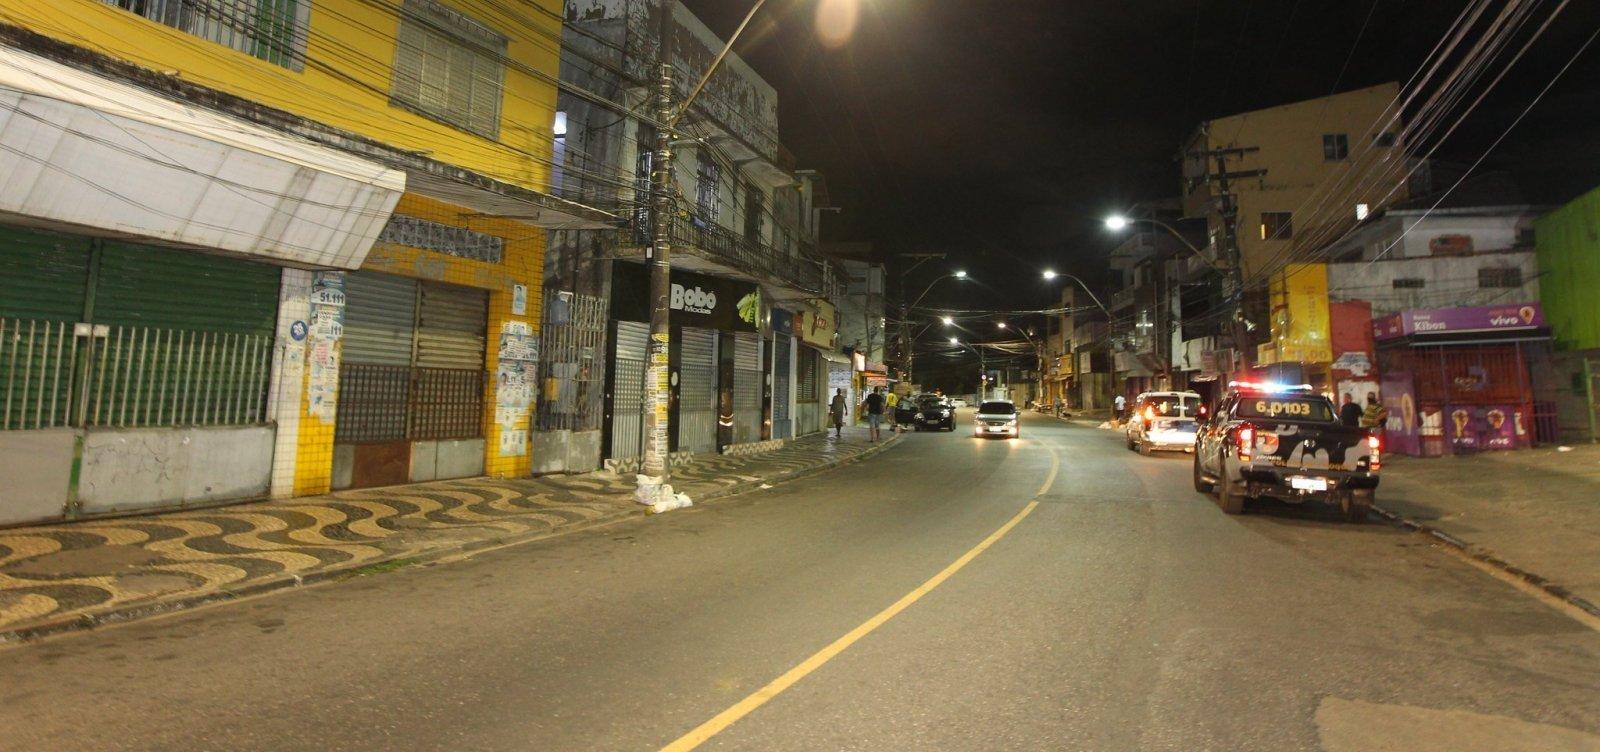 [Prefeitura de Salvador prorroga medidas restritivas até 22 de março]